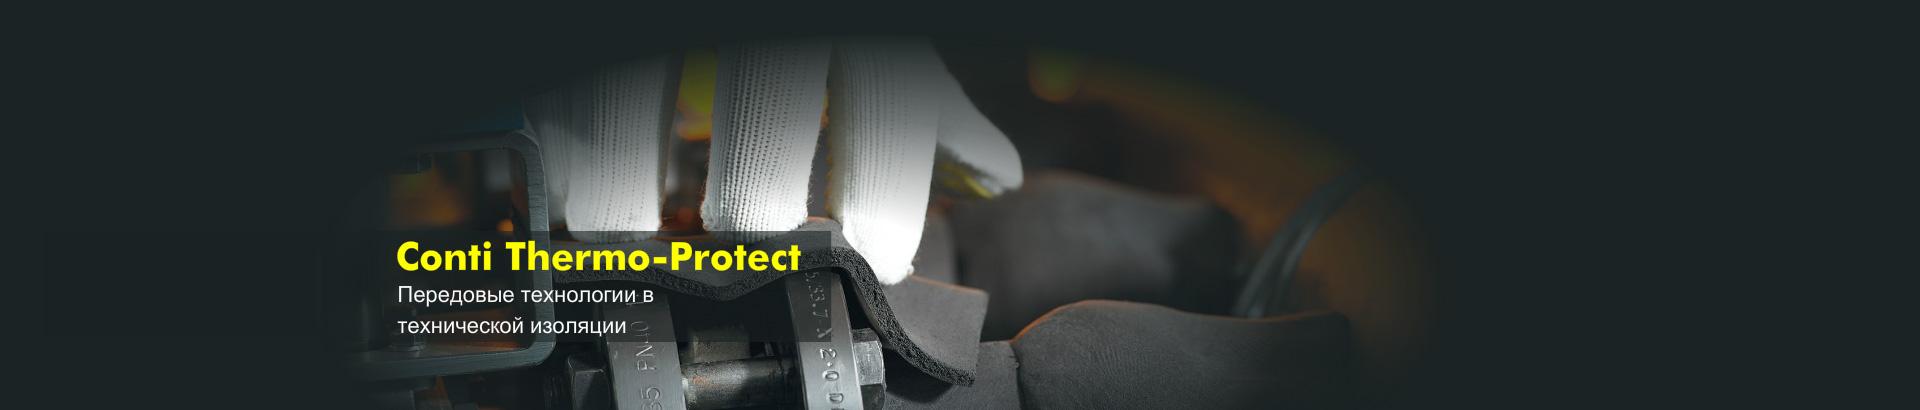 Conti Thermo-Protect